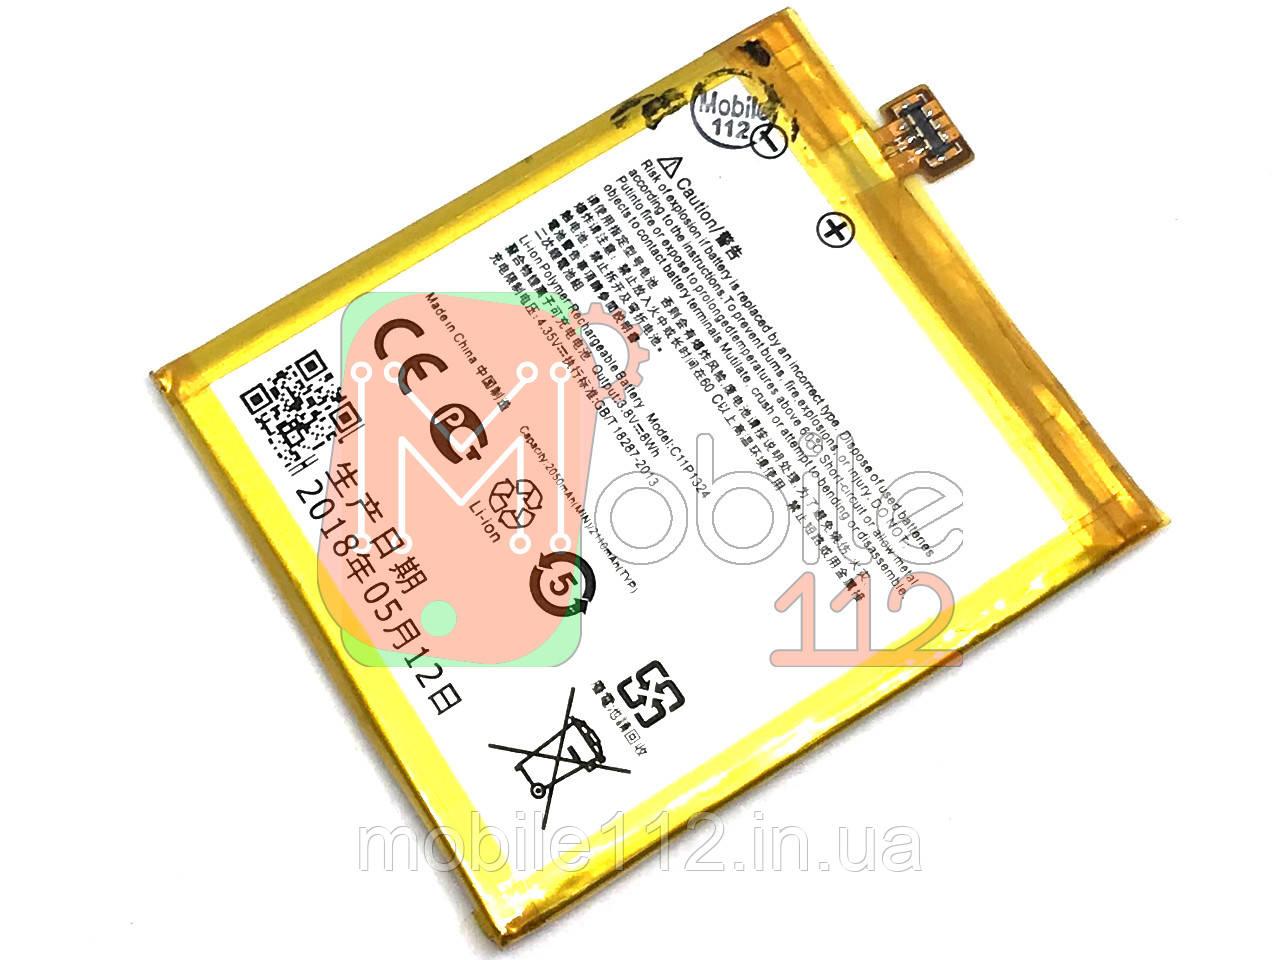 Аккумулятор (АКБ батарея) Asus C11P1324/ C11P1-24 (ZenFone 5), 2050 mAh